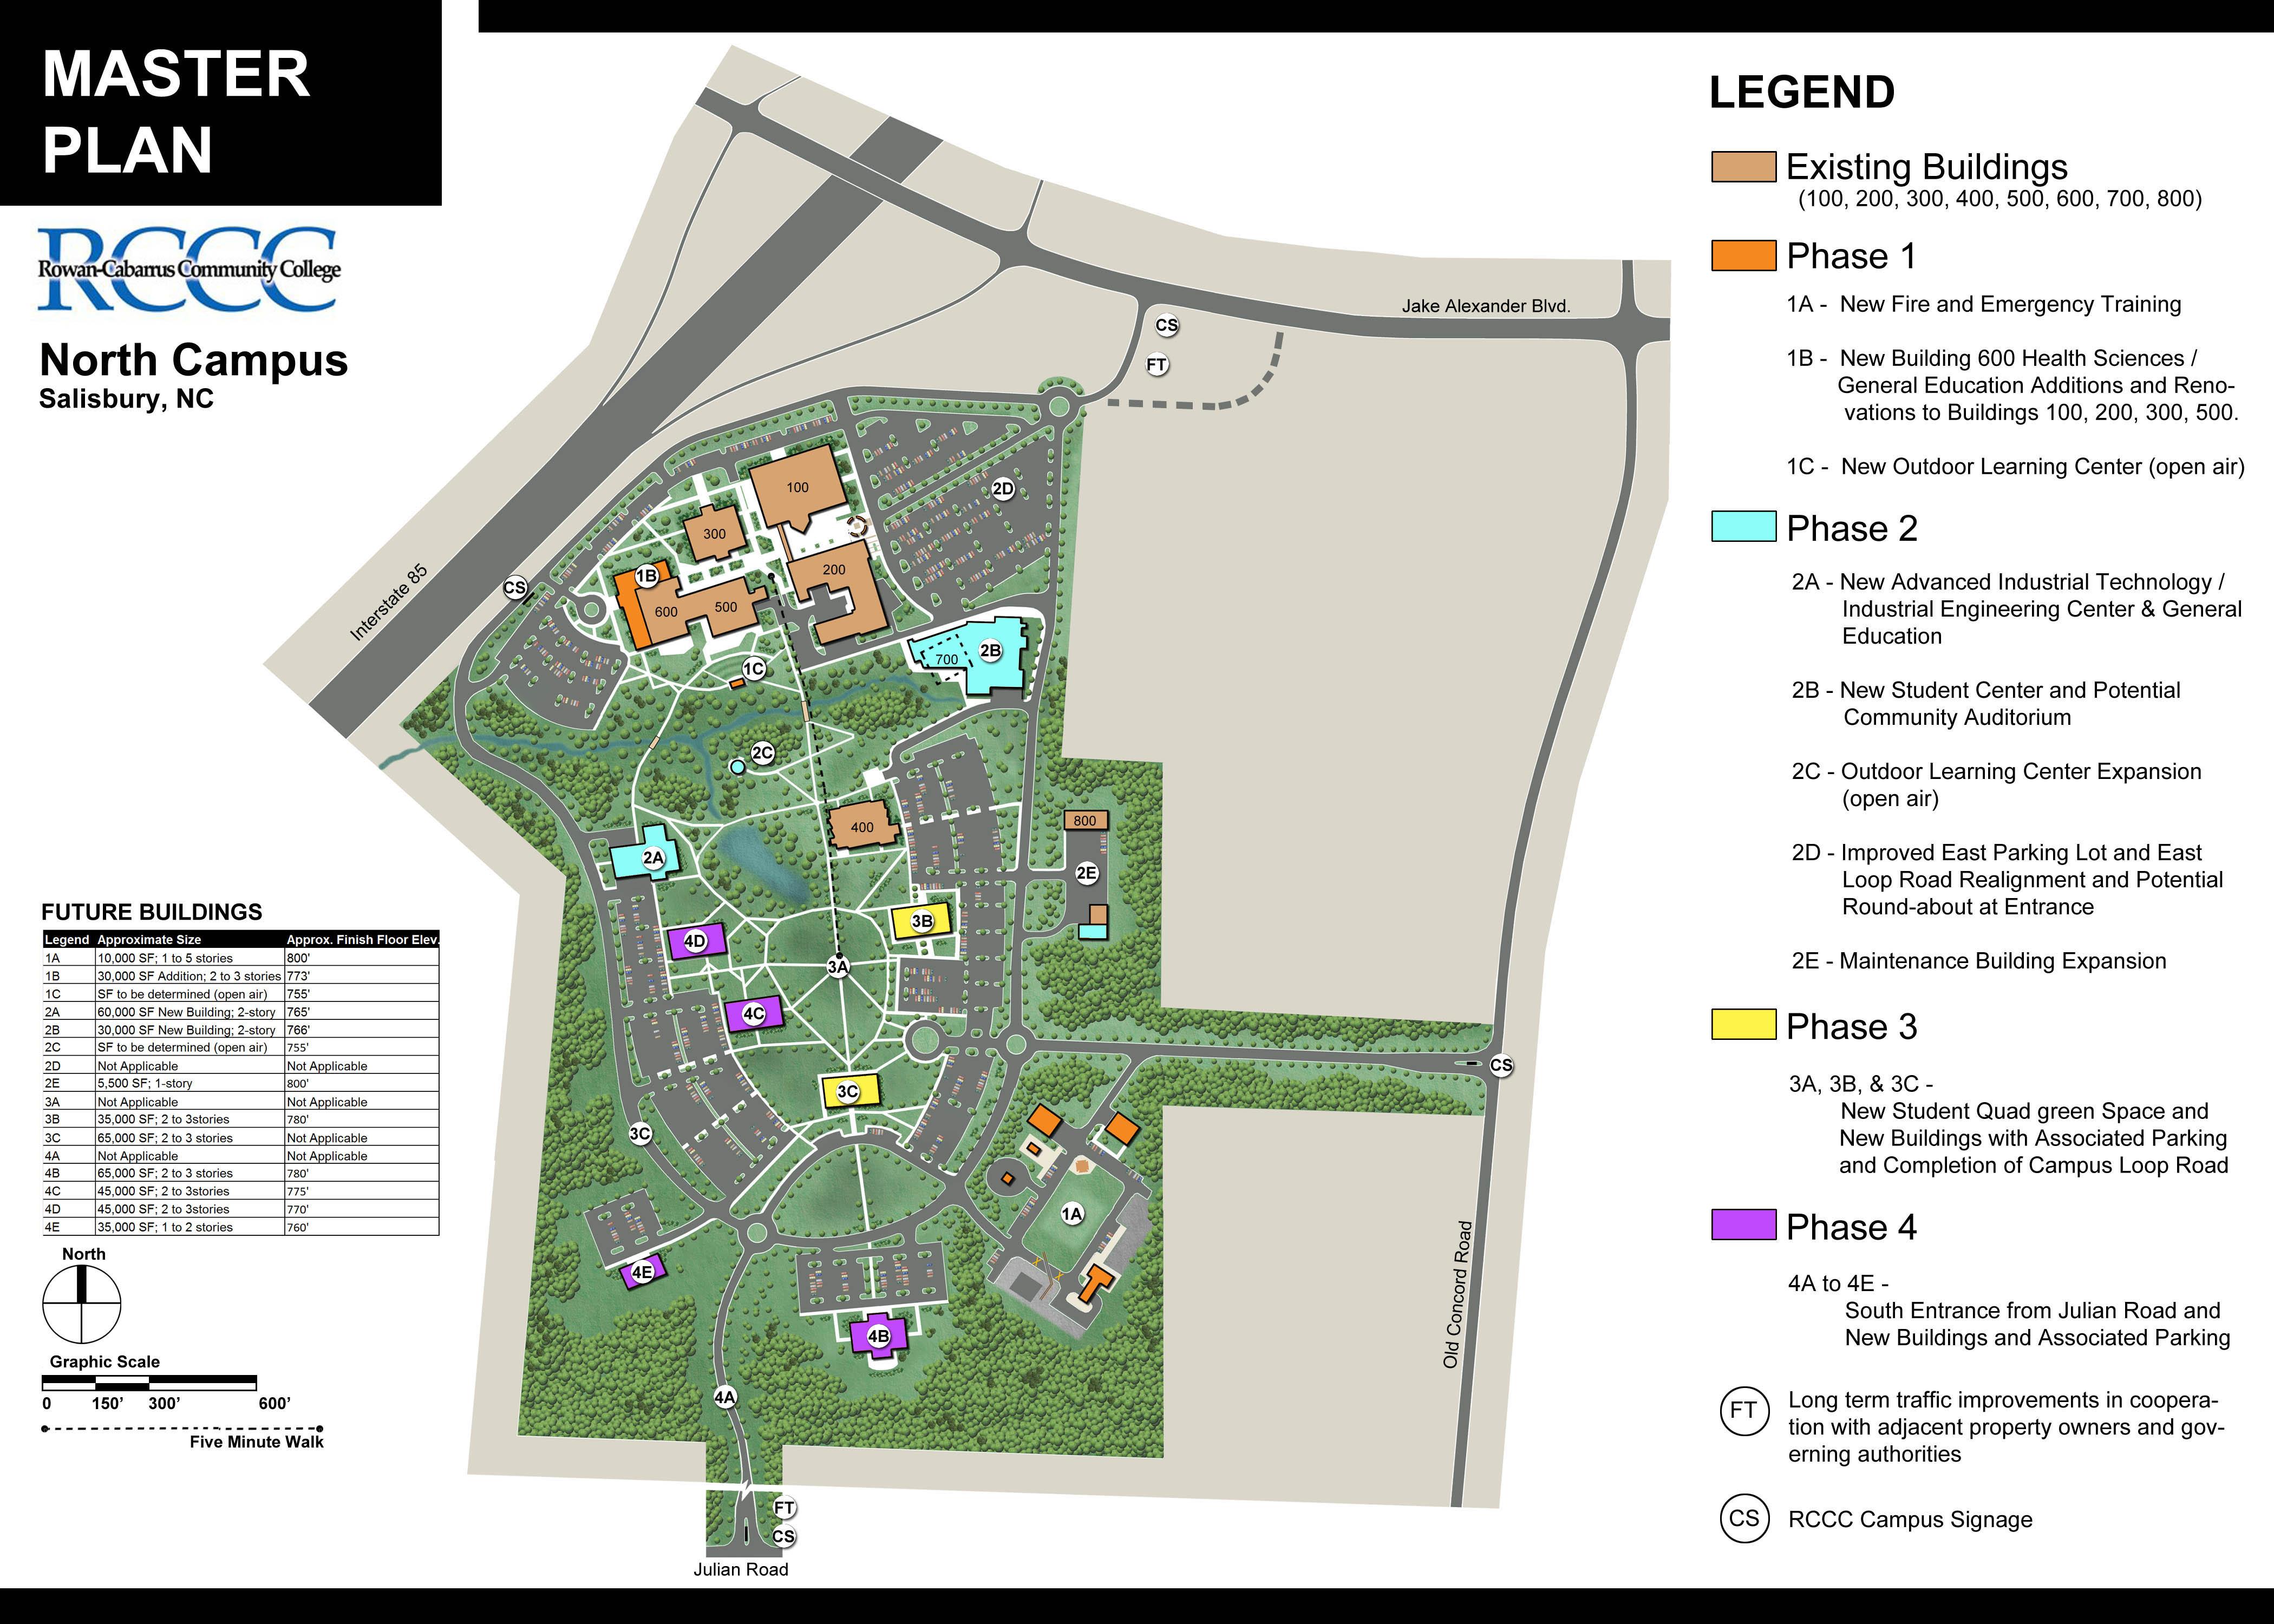 1. Master Plan - 2012